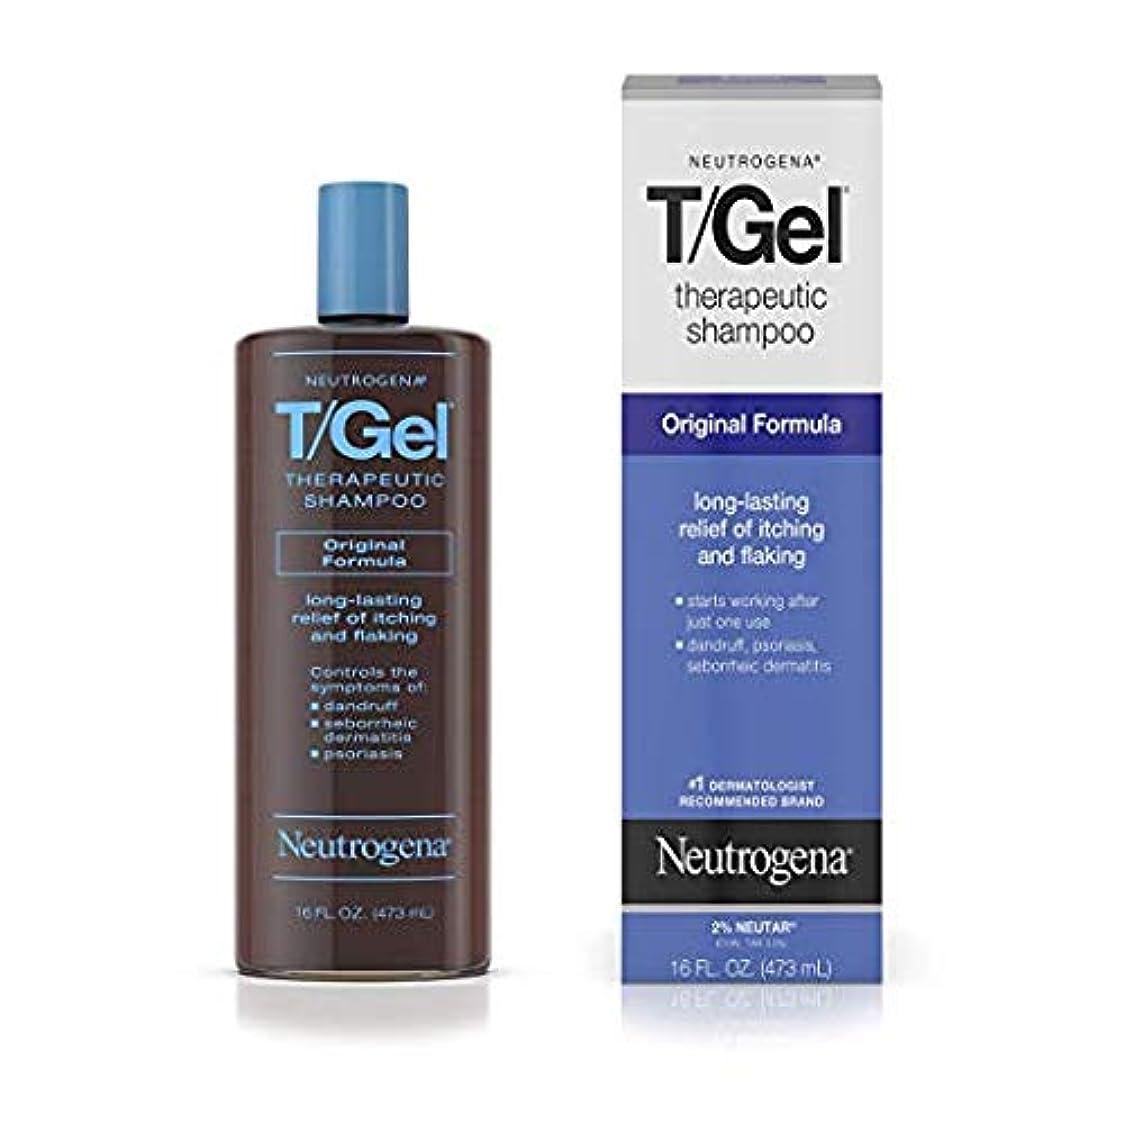 汗レクリエーション原因Neutrogena T/Gel Therapeutic Shampoo Original Formula [並行輸入品]